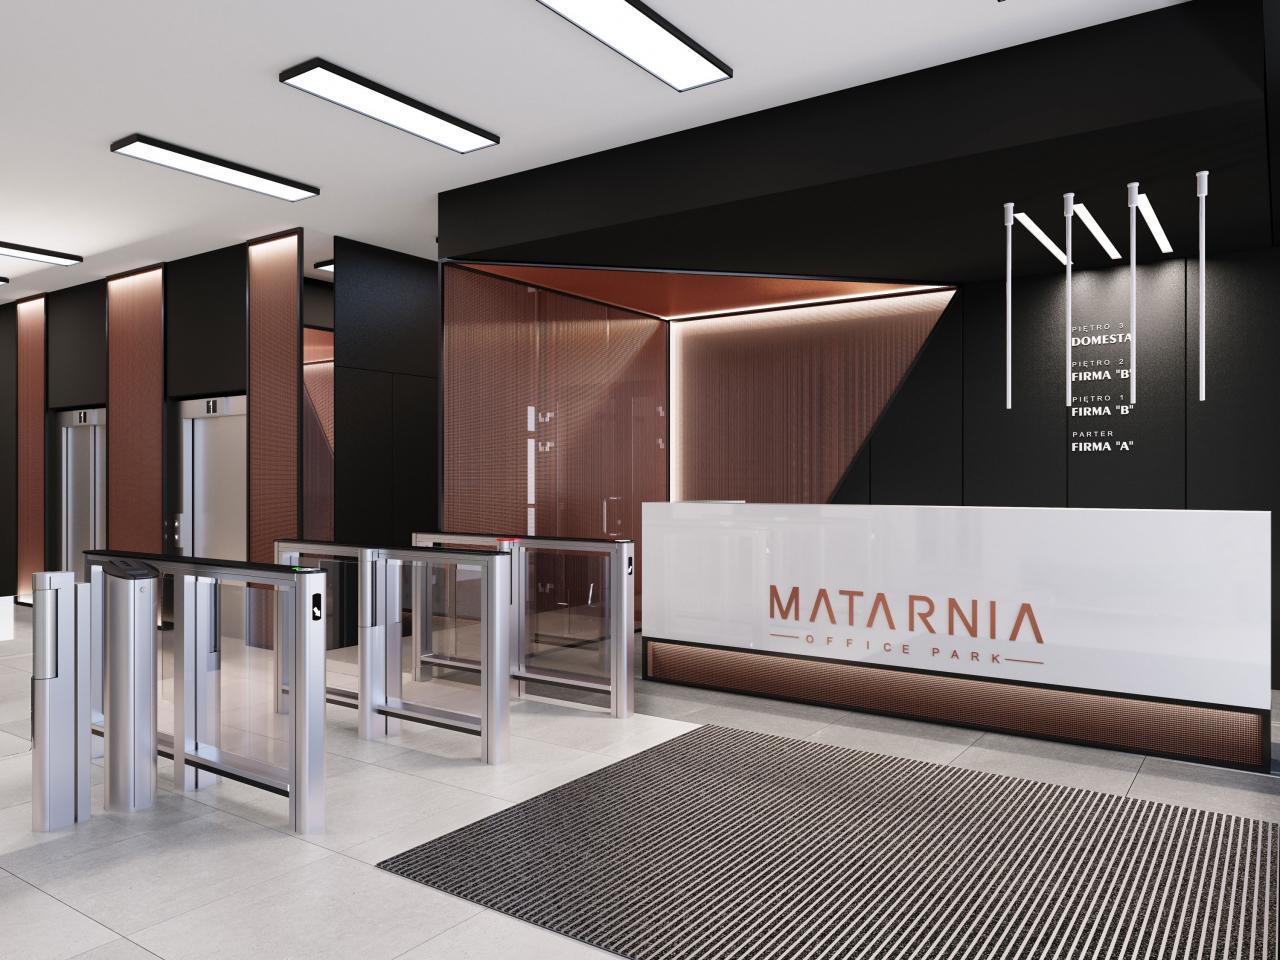 Matarnia Office Park